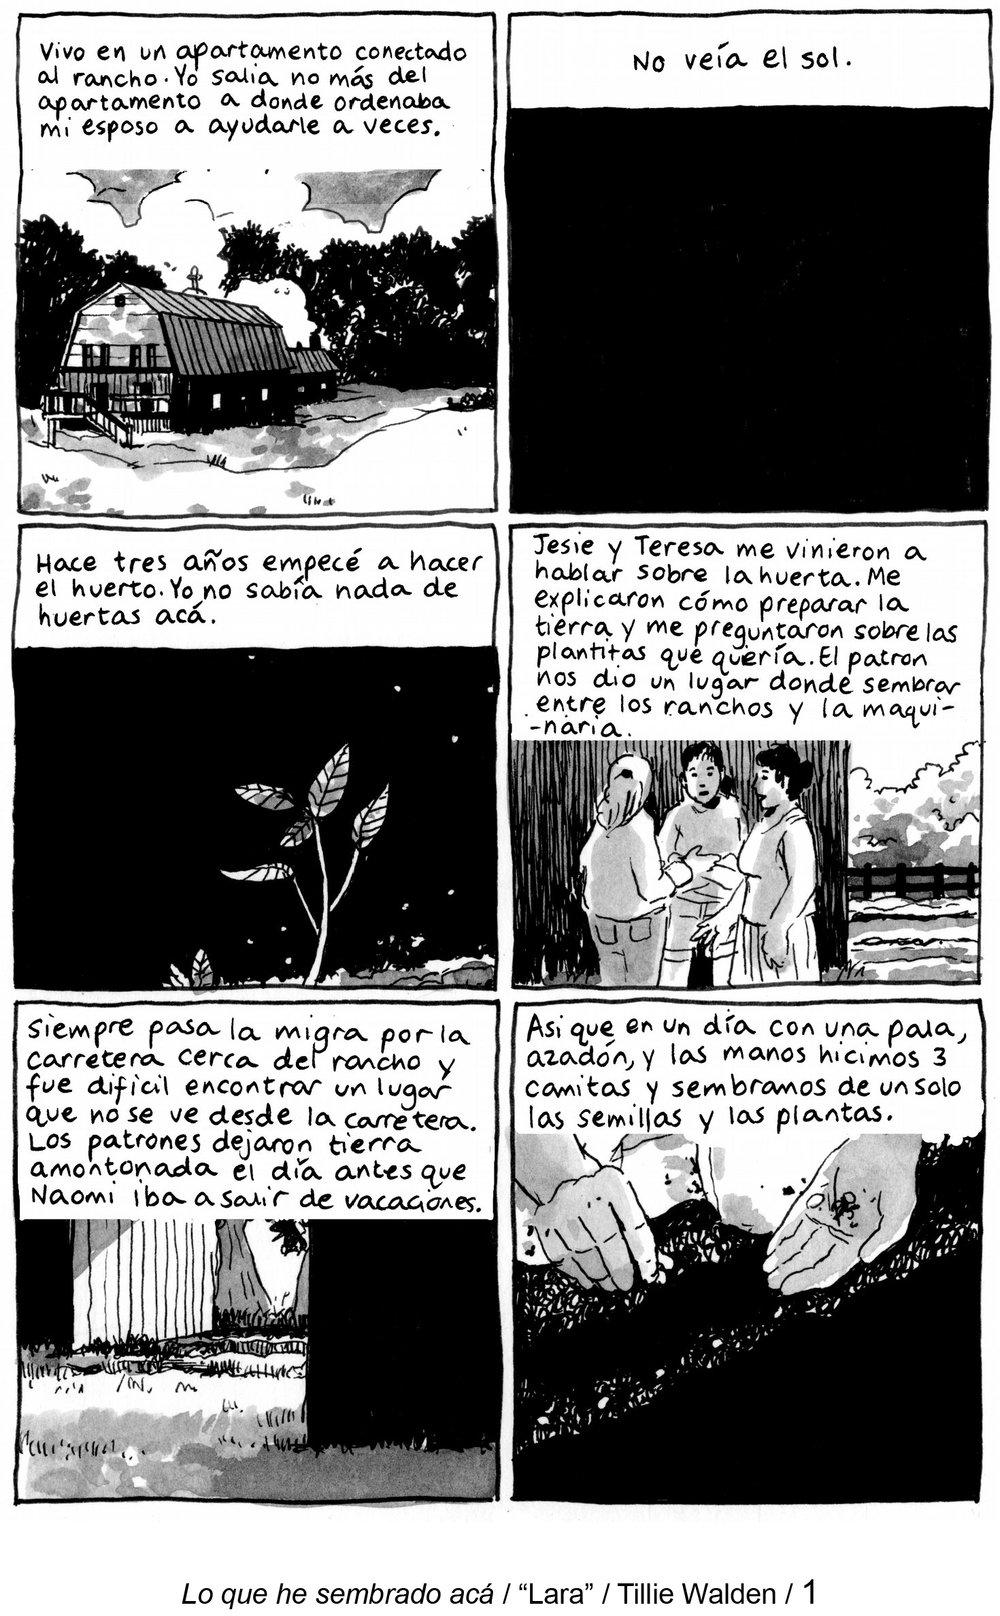 BOOKLET-161101_Lara-Tillie_Digest_ESP-3.jpg